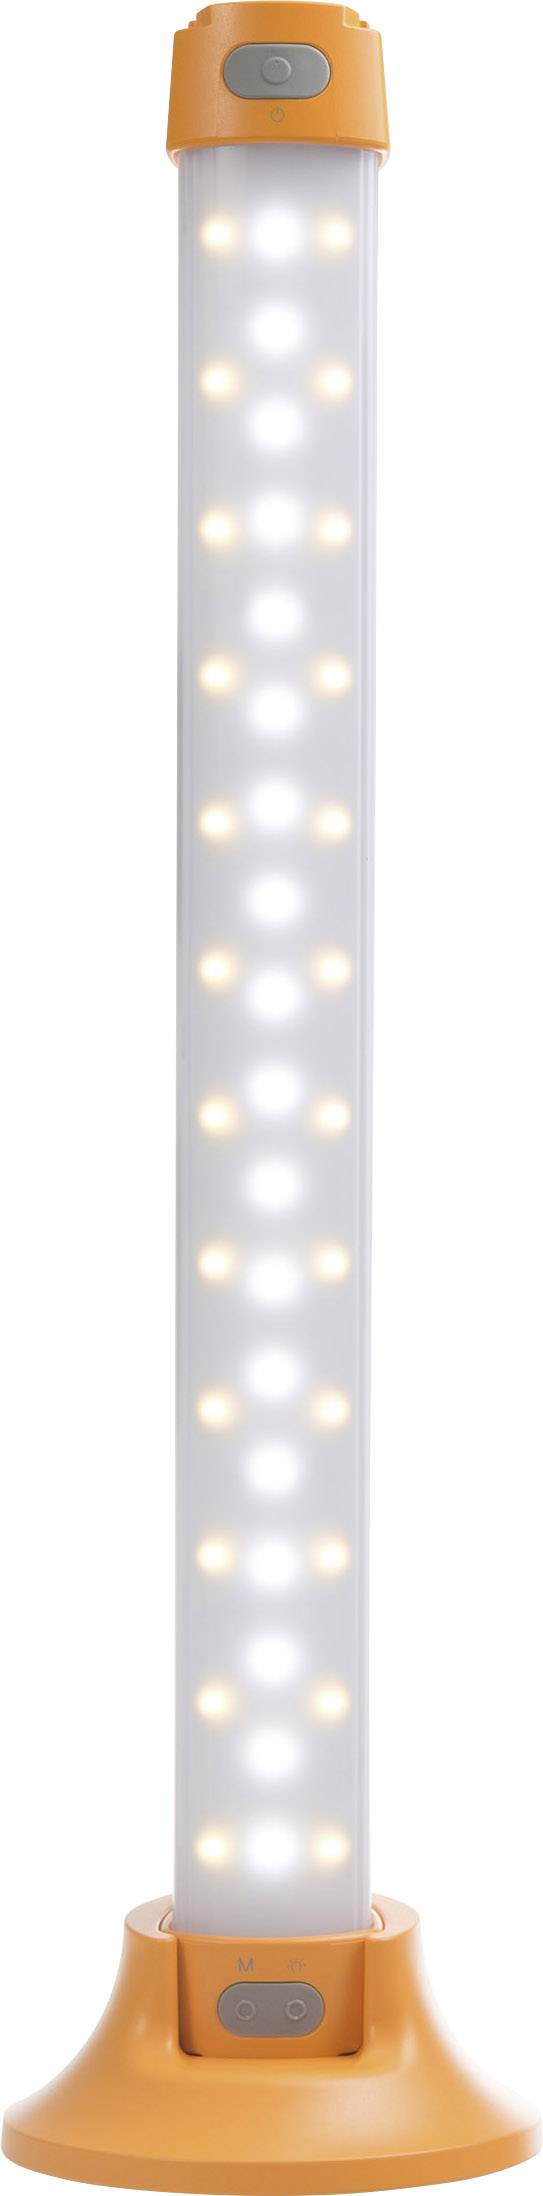 Akumulátorové outdoor LED osvetlenie RENKFORCE, dĺžka 45 cm